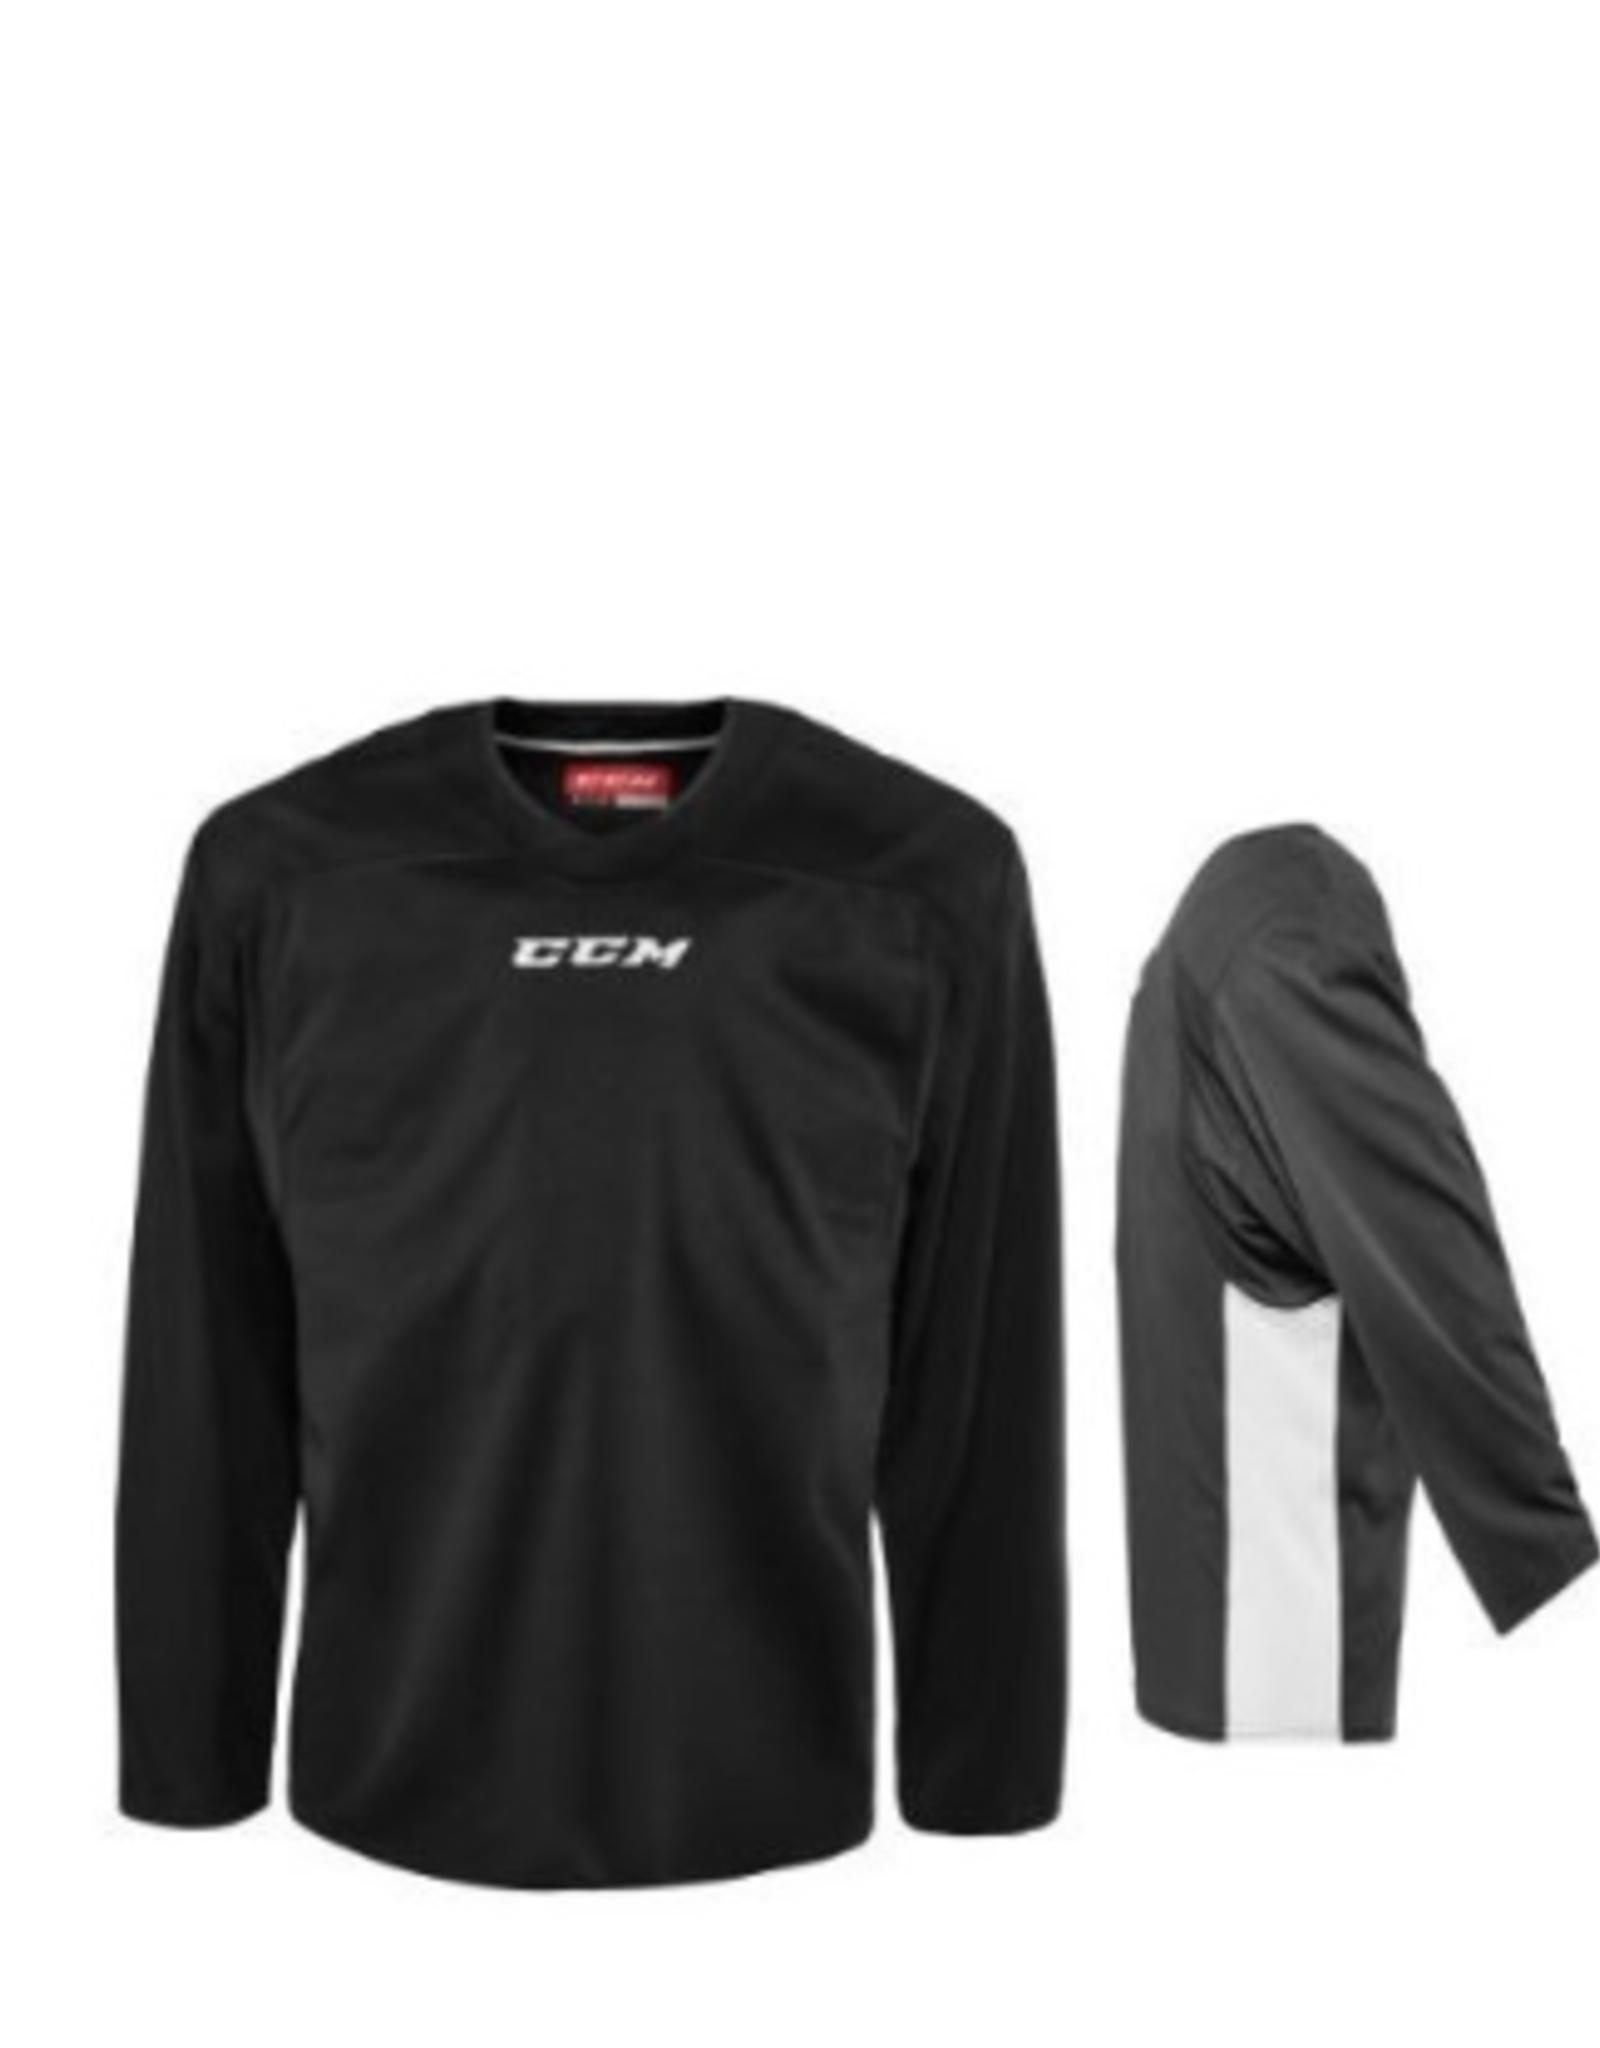 CCM Hockey 6000 SR MID PRAC BLACK/WHT v.1 12.01 2XL